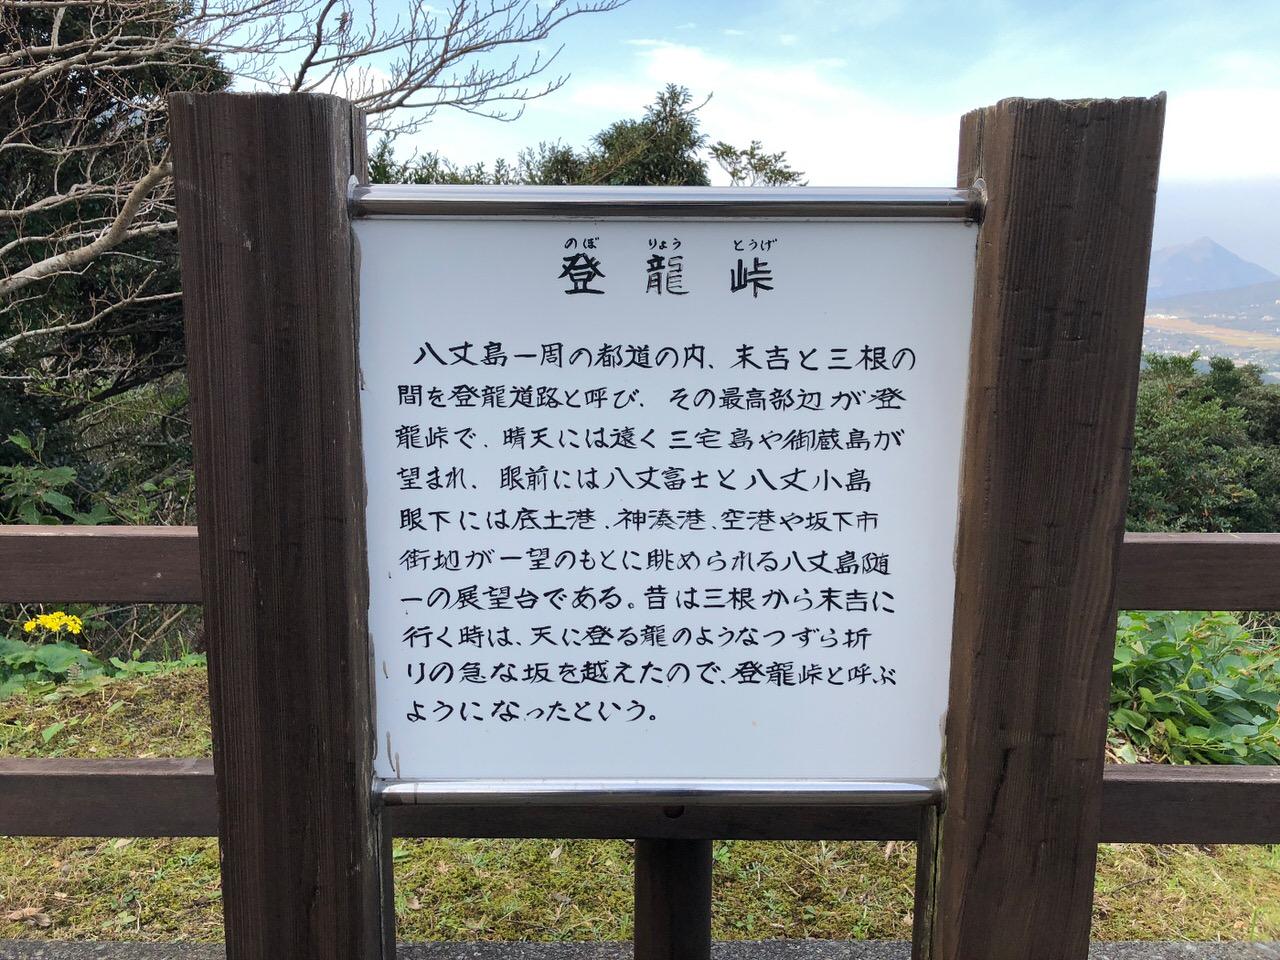 Hachijojima 15095131